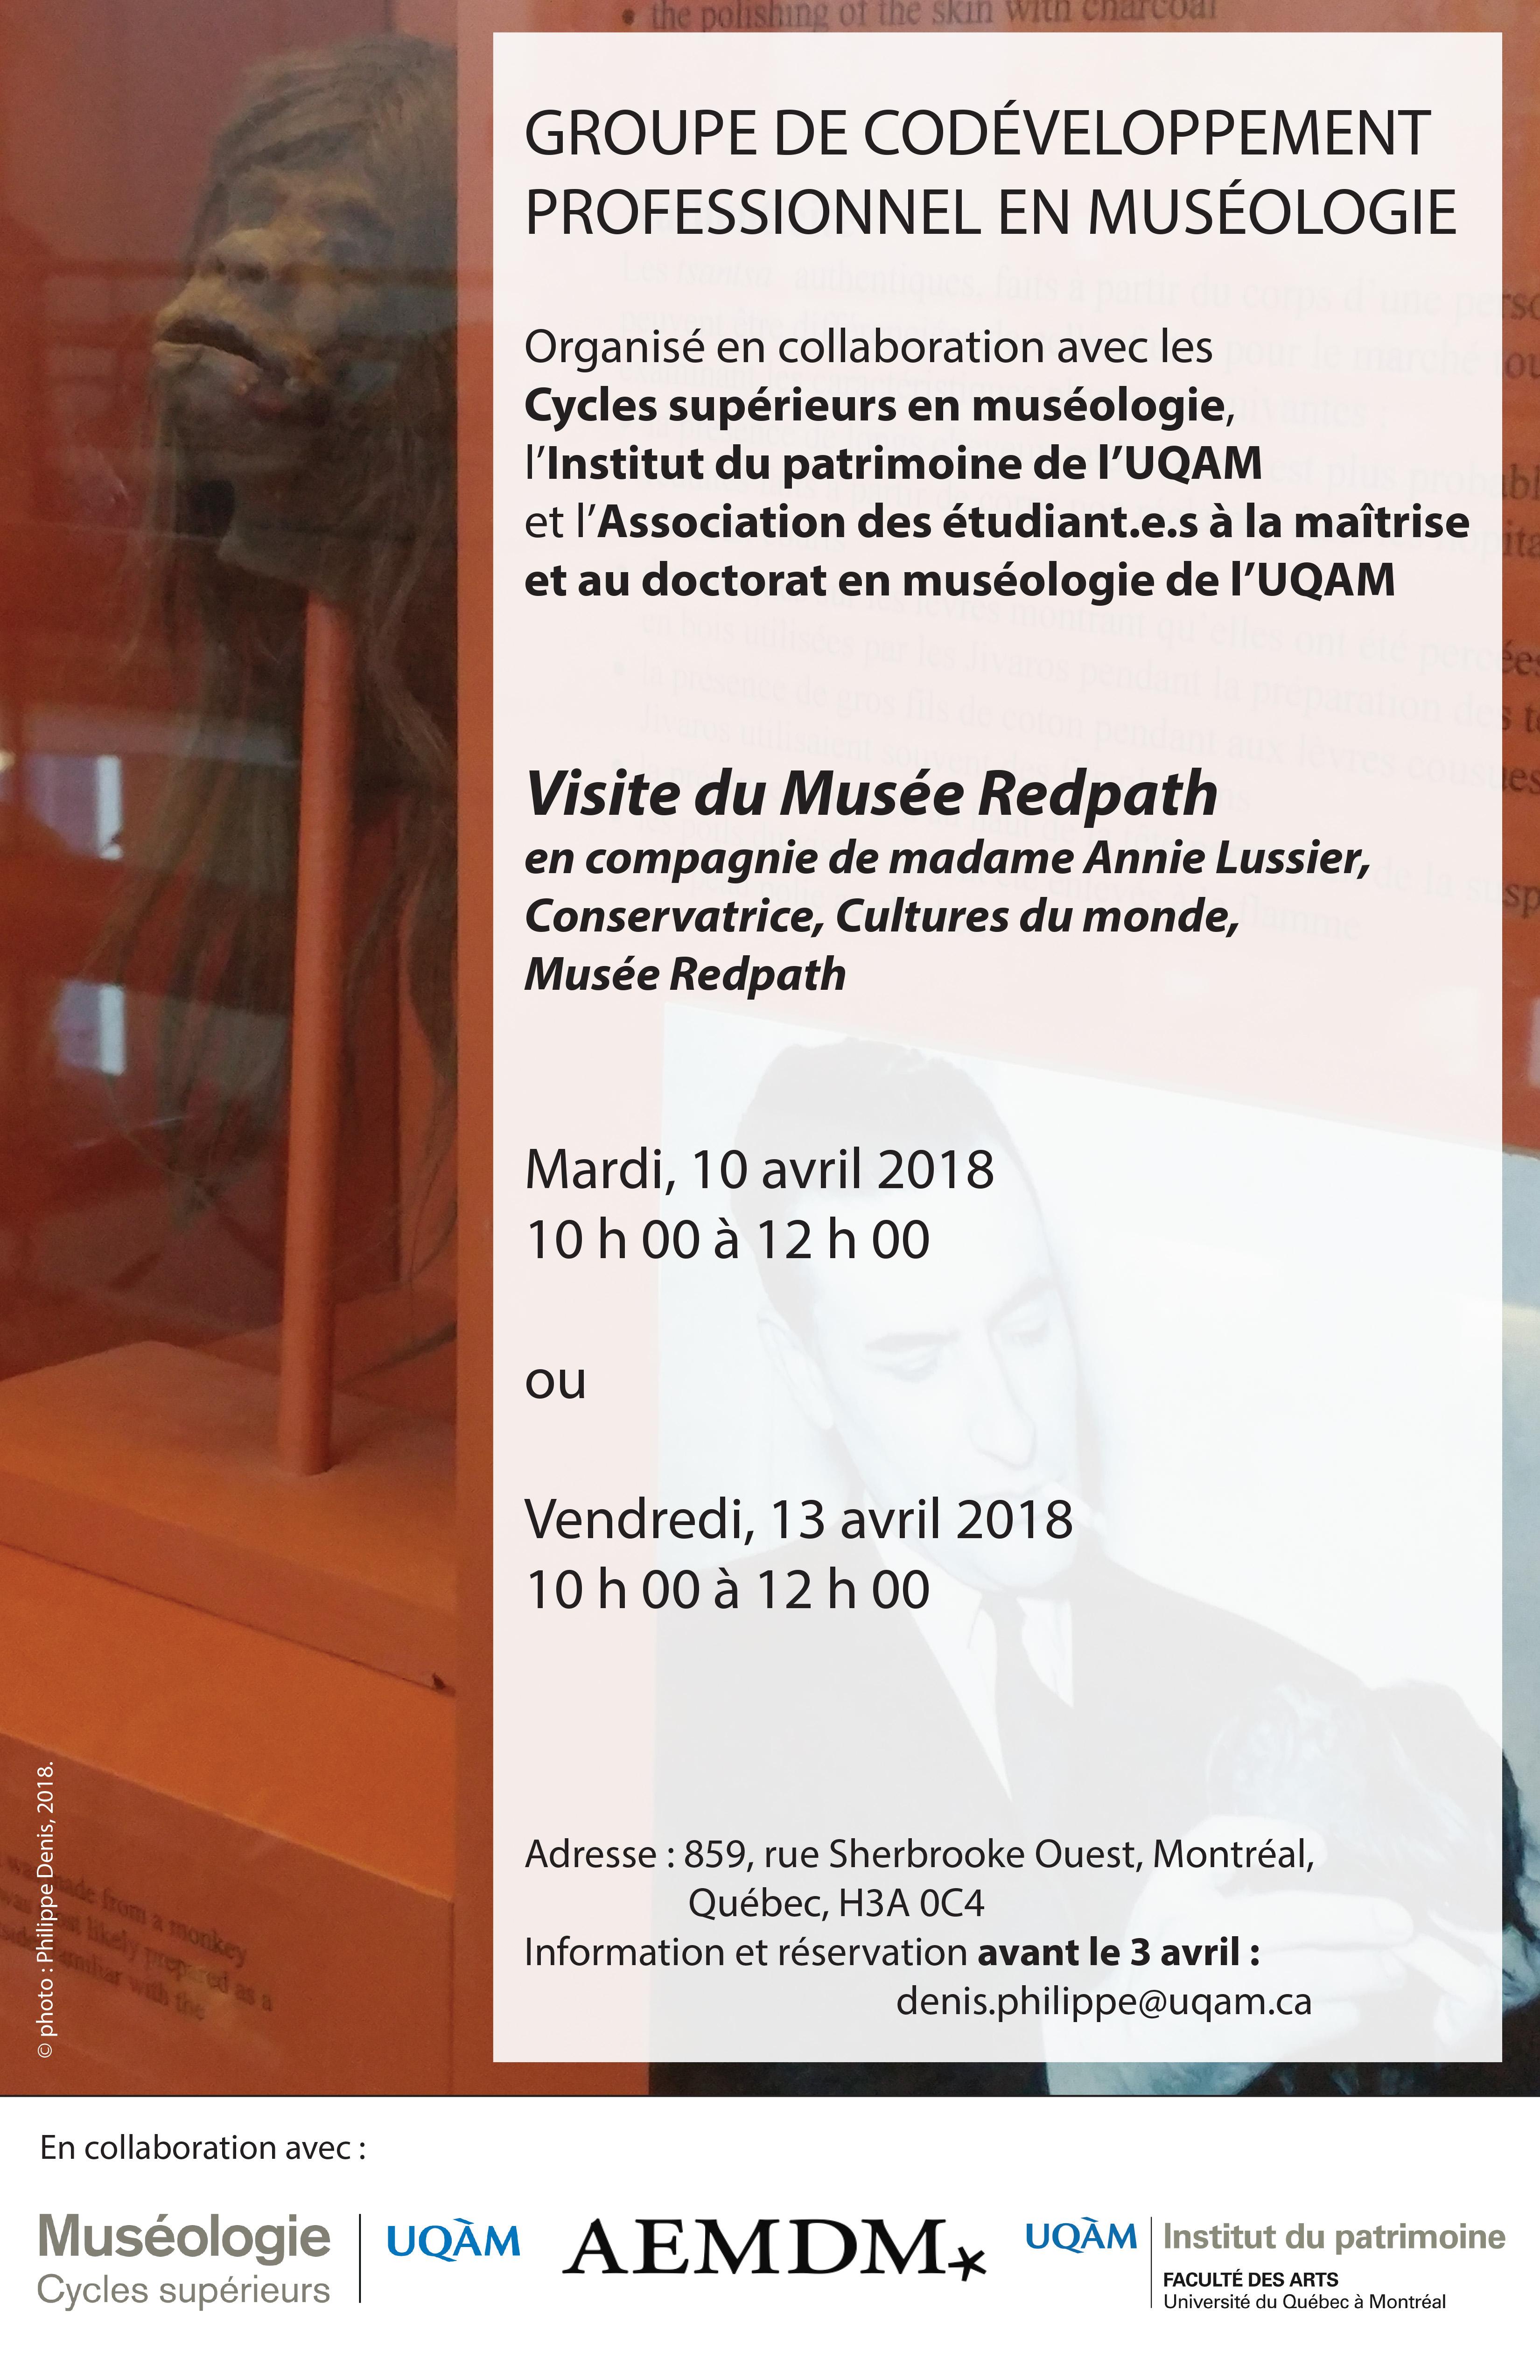 Groupe de codéveloppement professionnel en muséologie / Musée Redpath